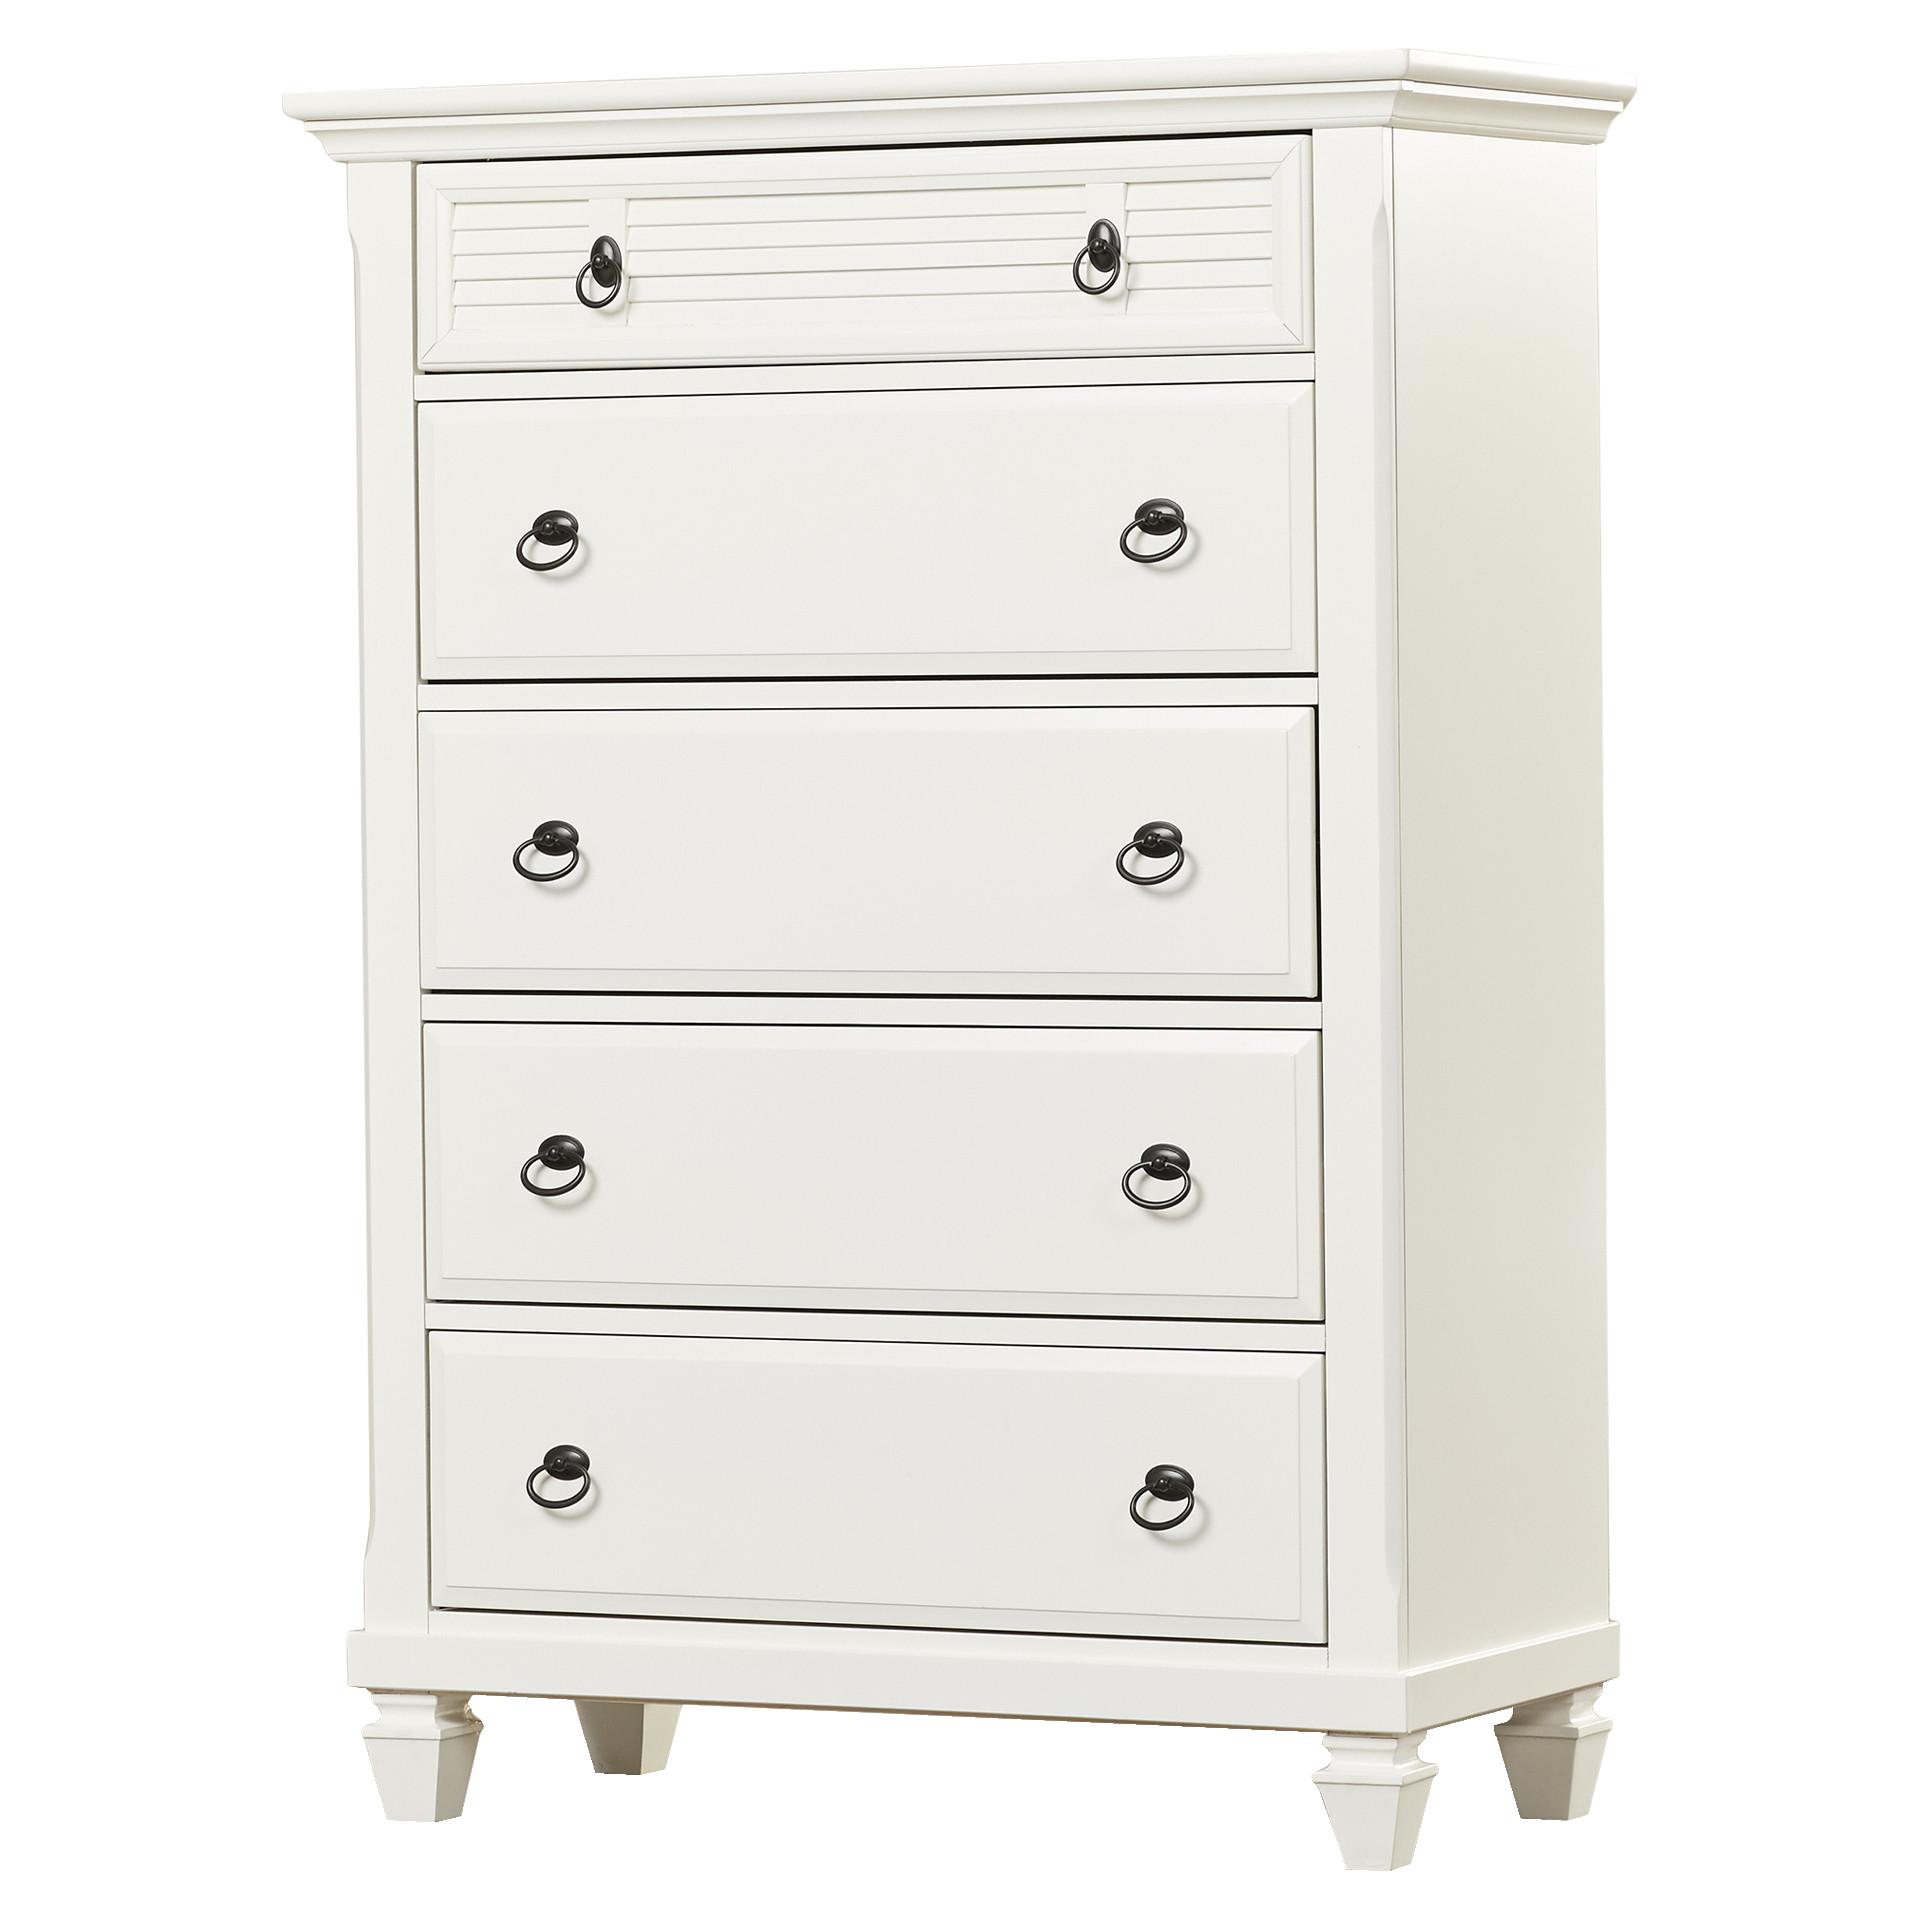 norfolk 5 drawer chest : $507